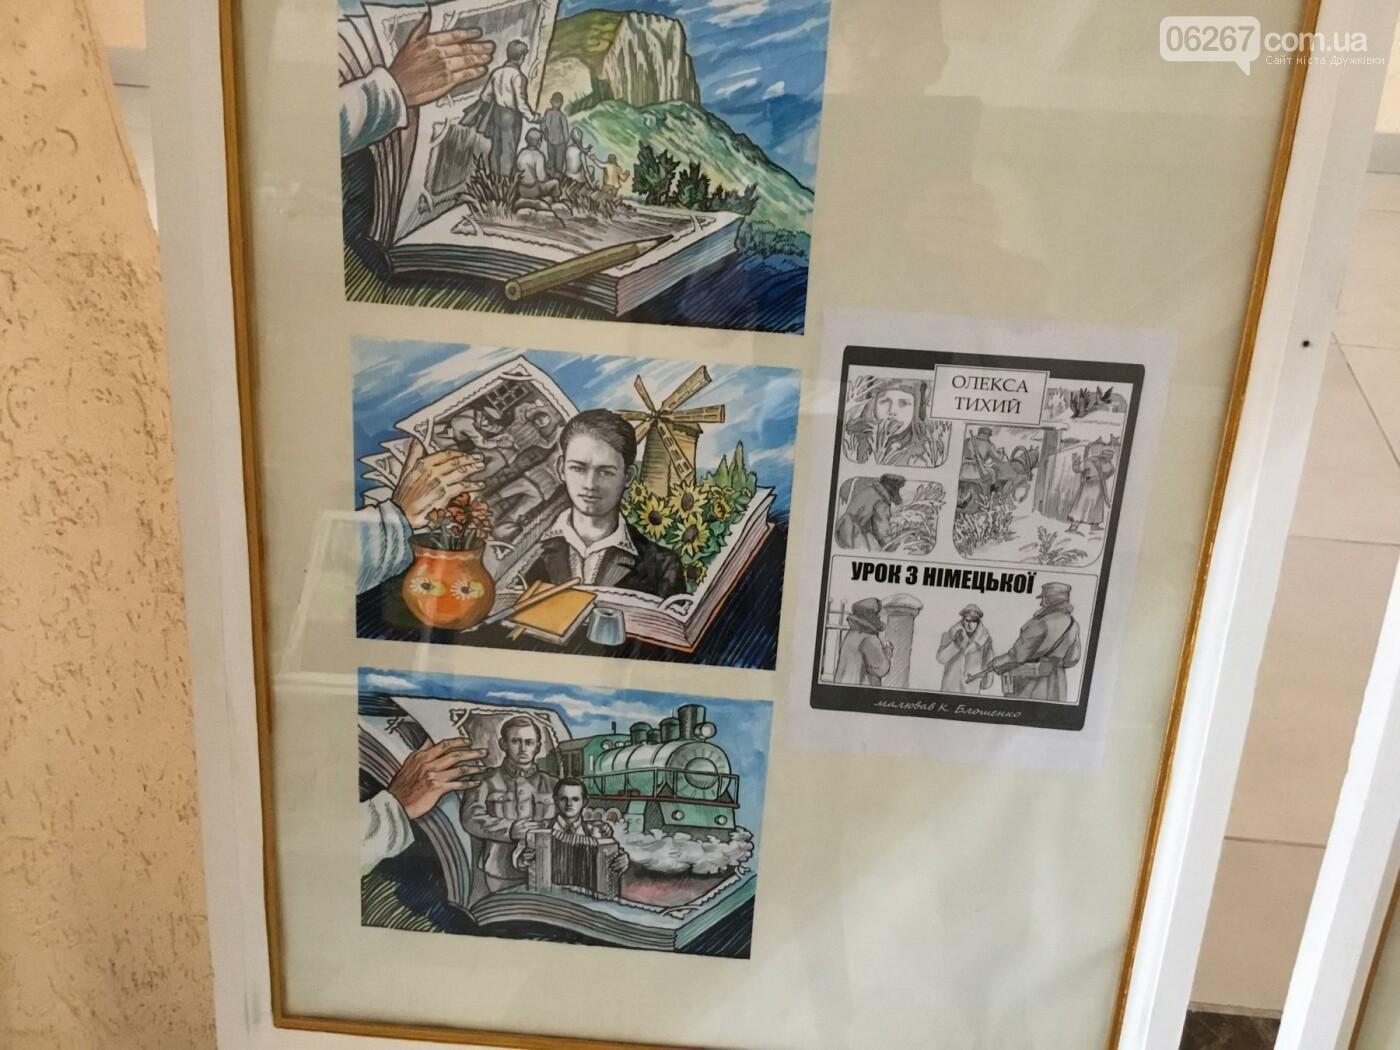 Праздник Независимости в Дружковке отметили выставкой картин и изделий народного творчества (ФОТО, ВИДЕО), фото-3